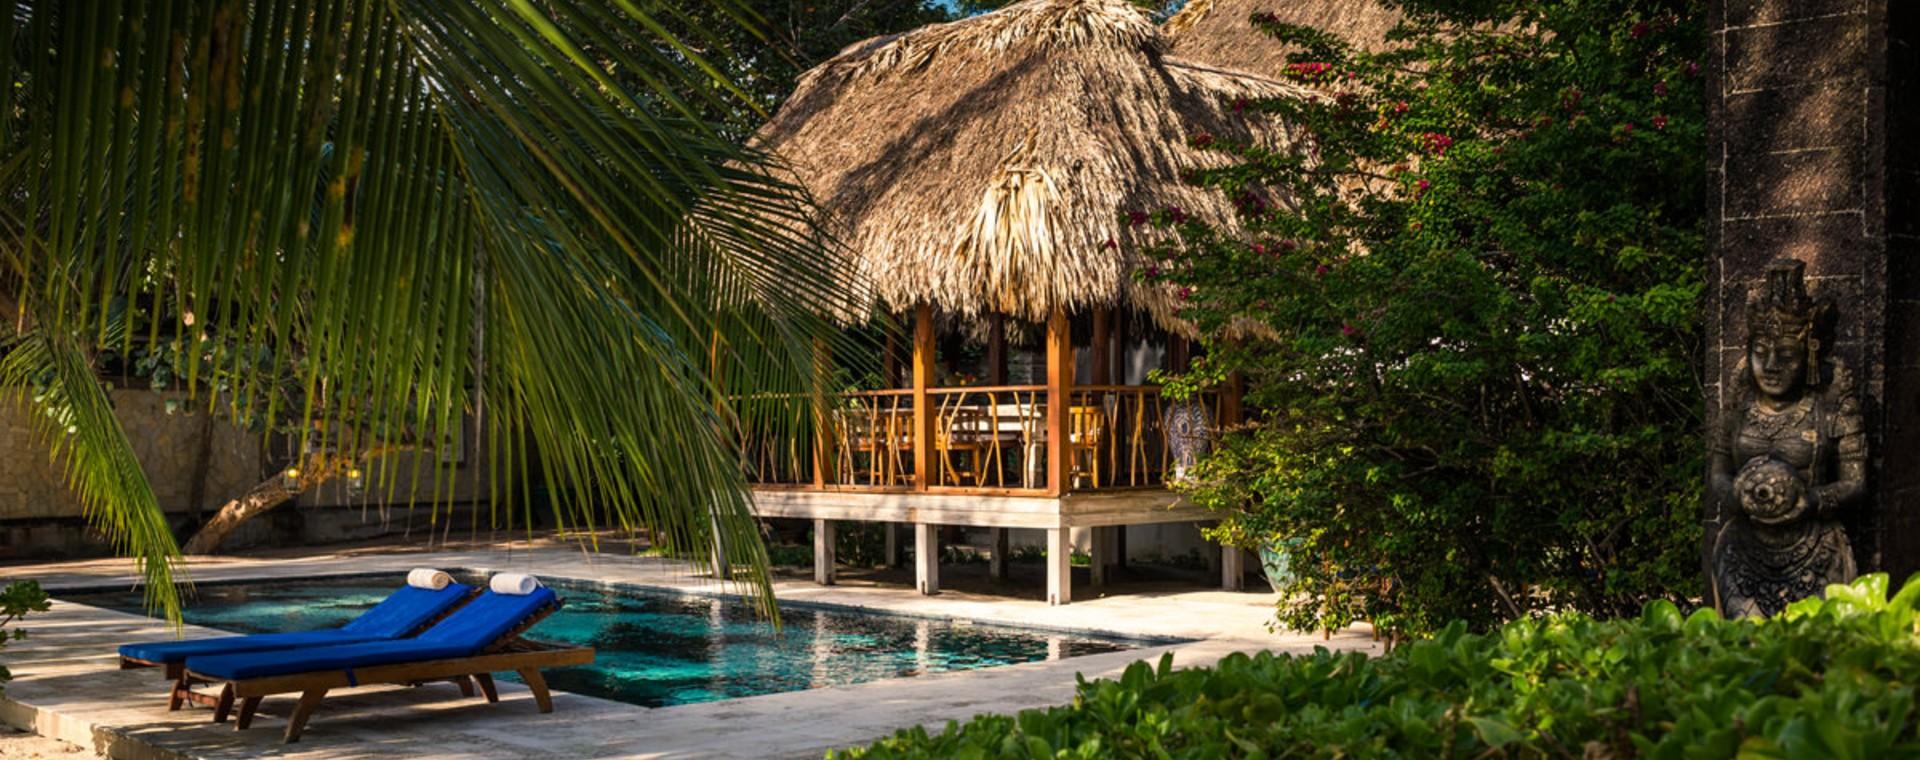 Turtle Inn, Belize   Plan South America